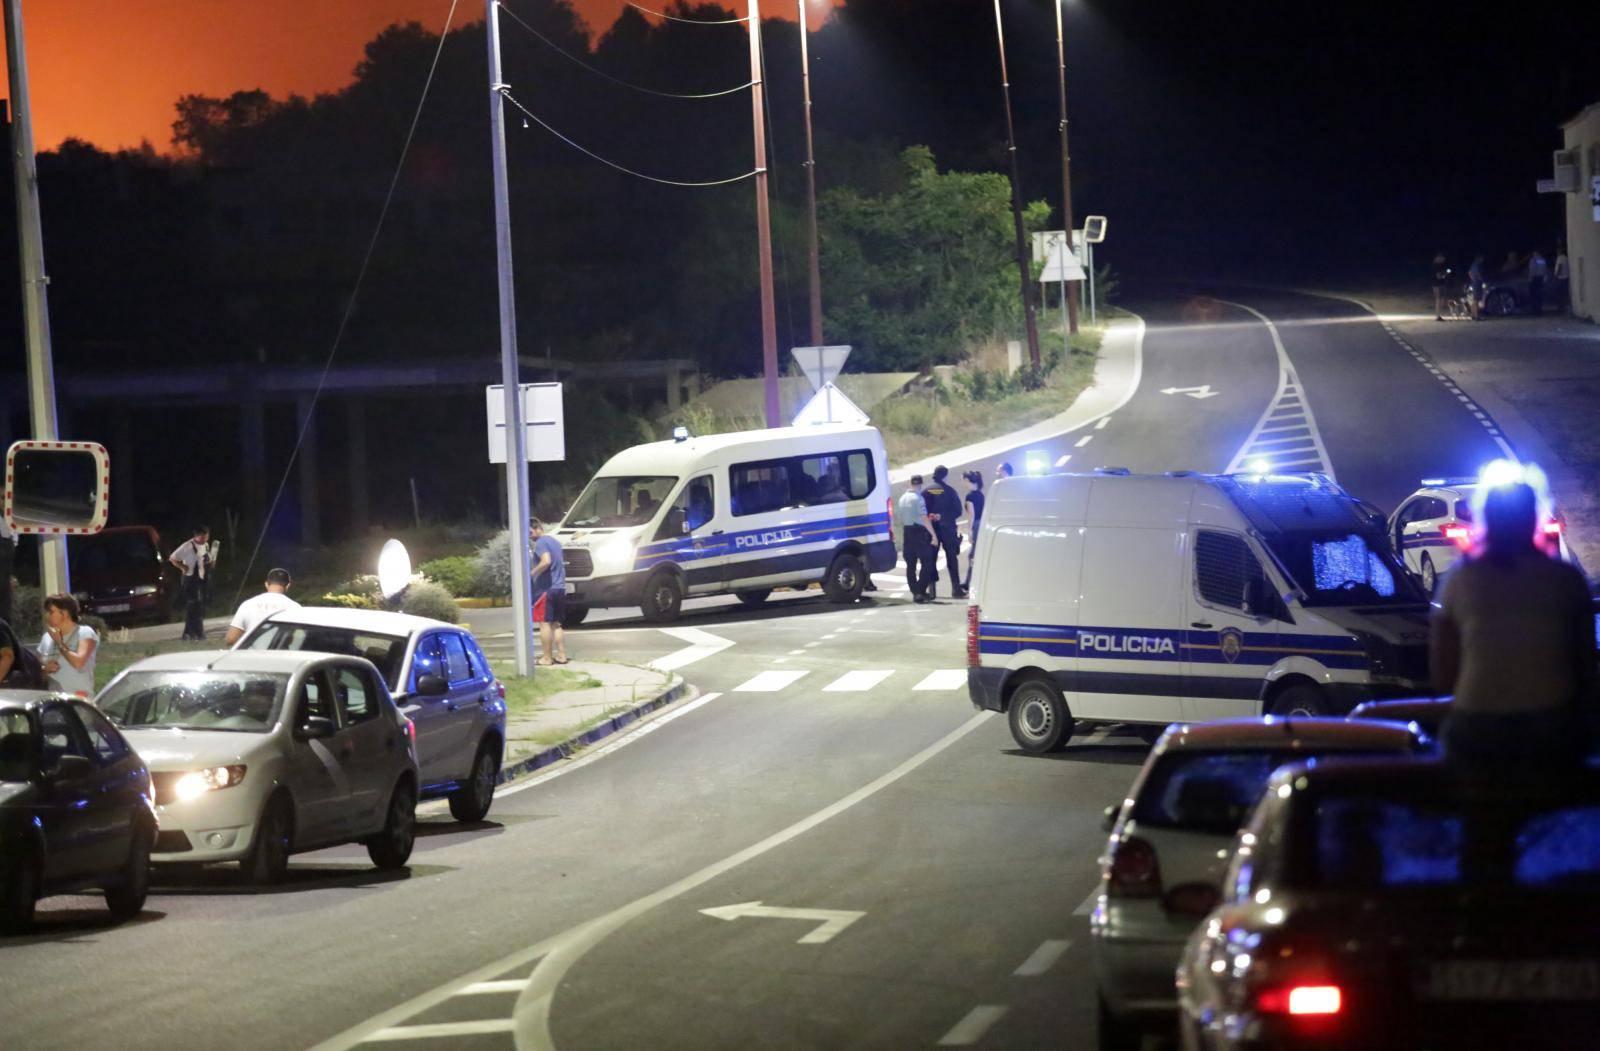 Detalji velike akcije u Splitu: Uhićeni preživio dva atentata